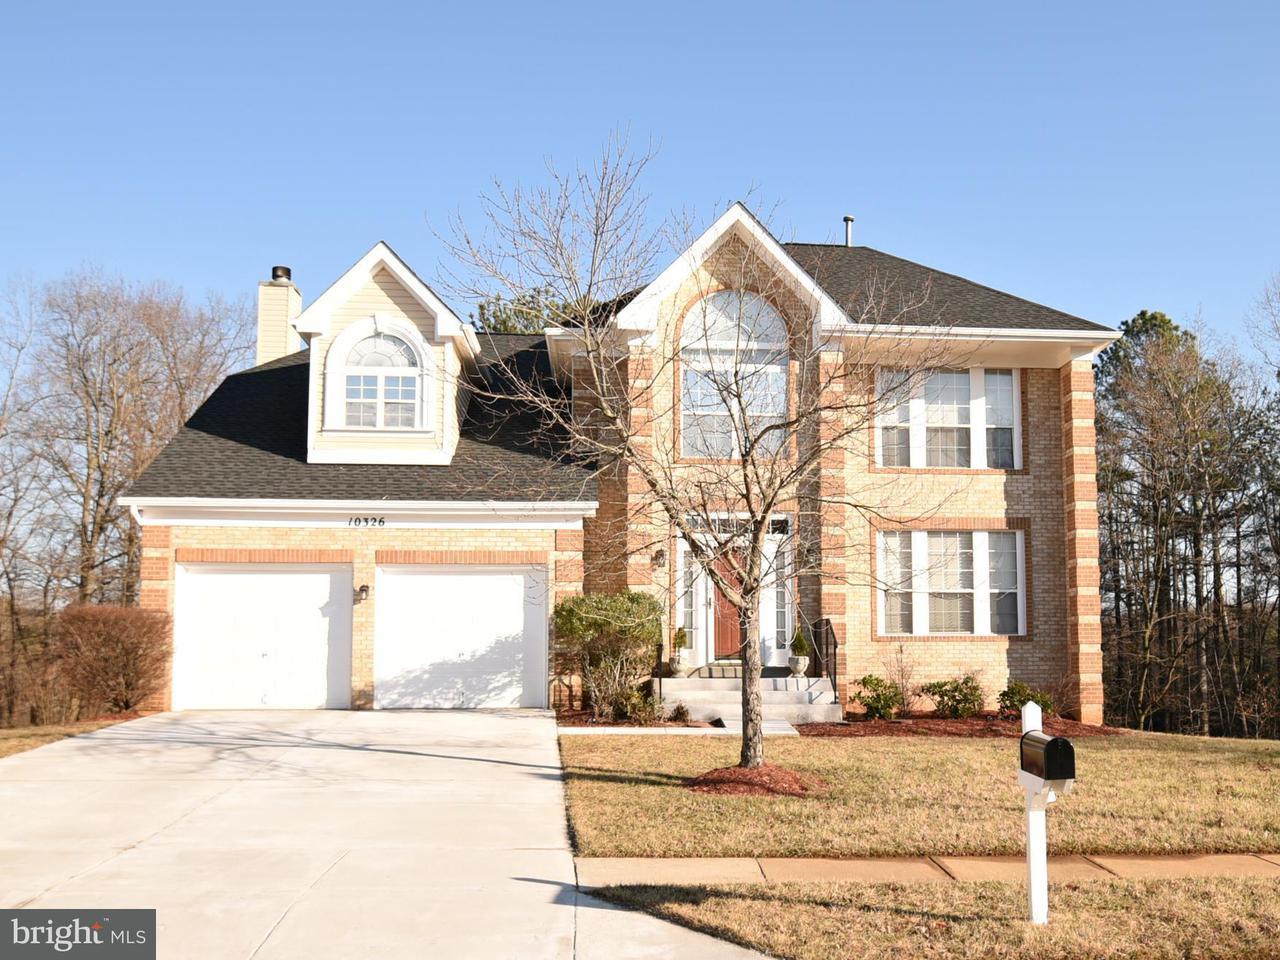 Maison unifamiliale pour l Vente à 10326 Halton Ter 10326 Halton Ter Lanham, Maryland 20706 États-Unis